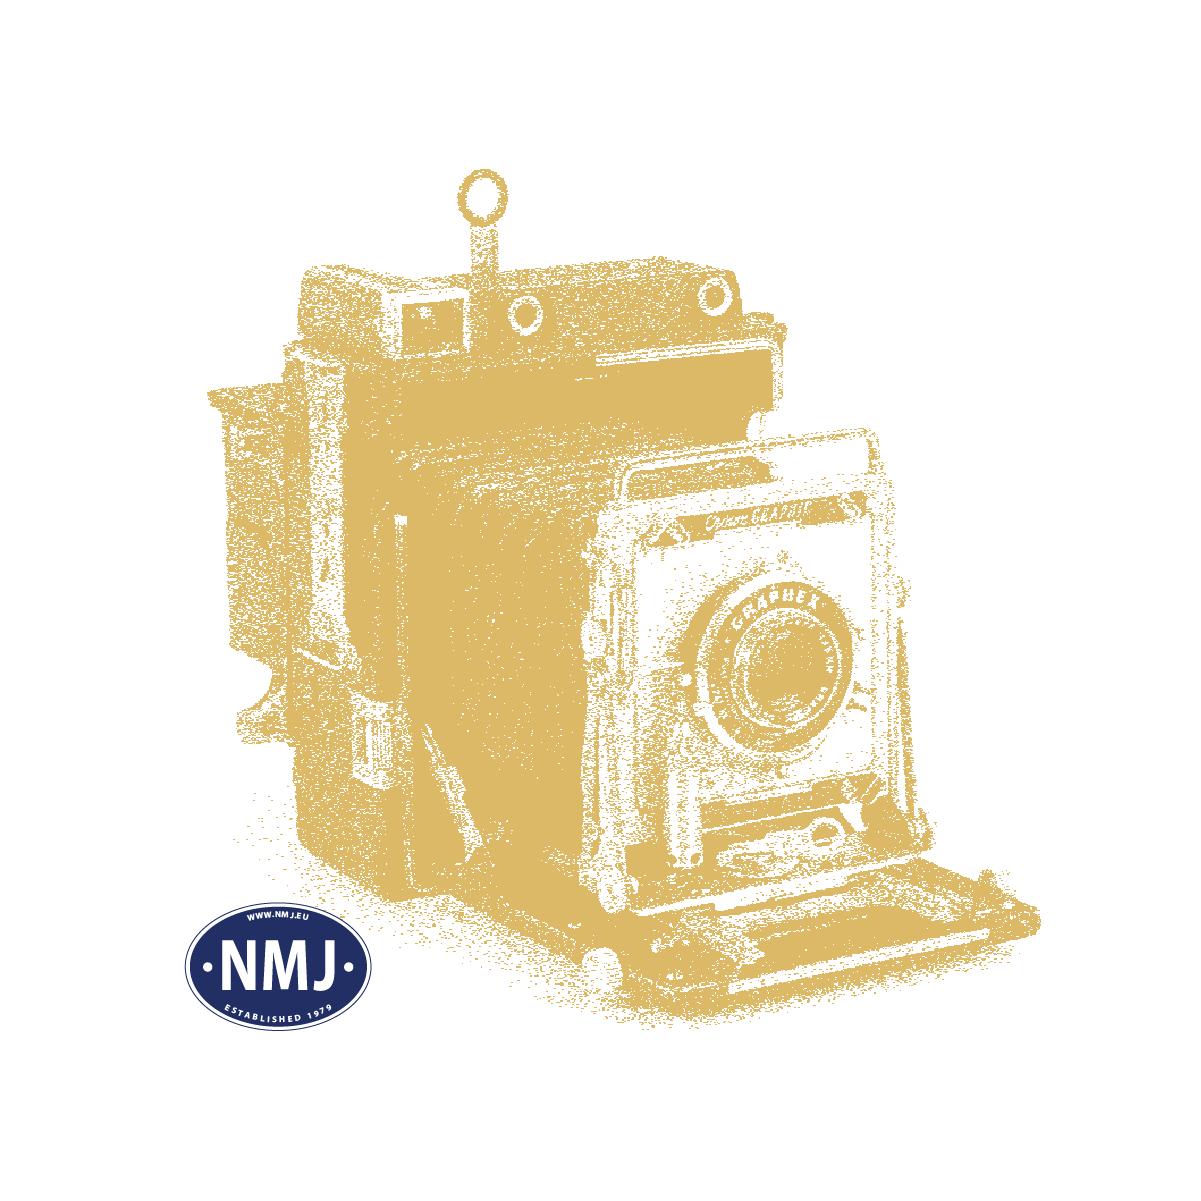 TAM82153 - LP-53 Clear Orange, Lacquer Paint, 10ml